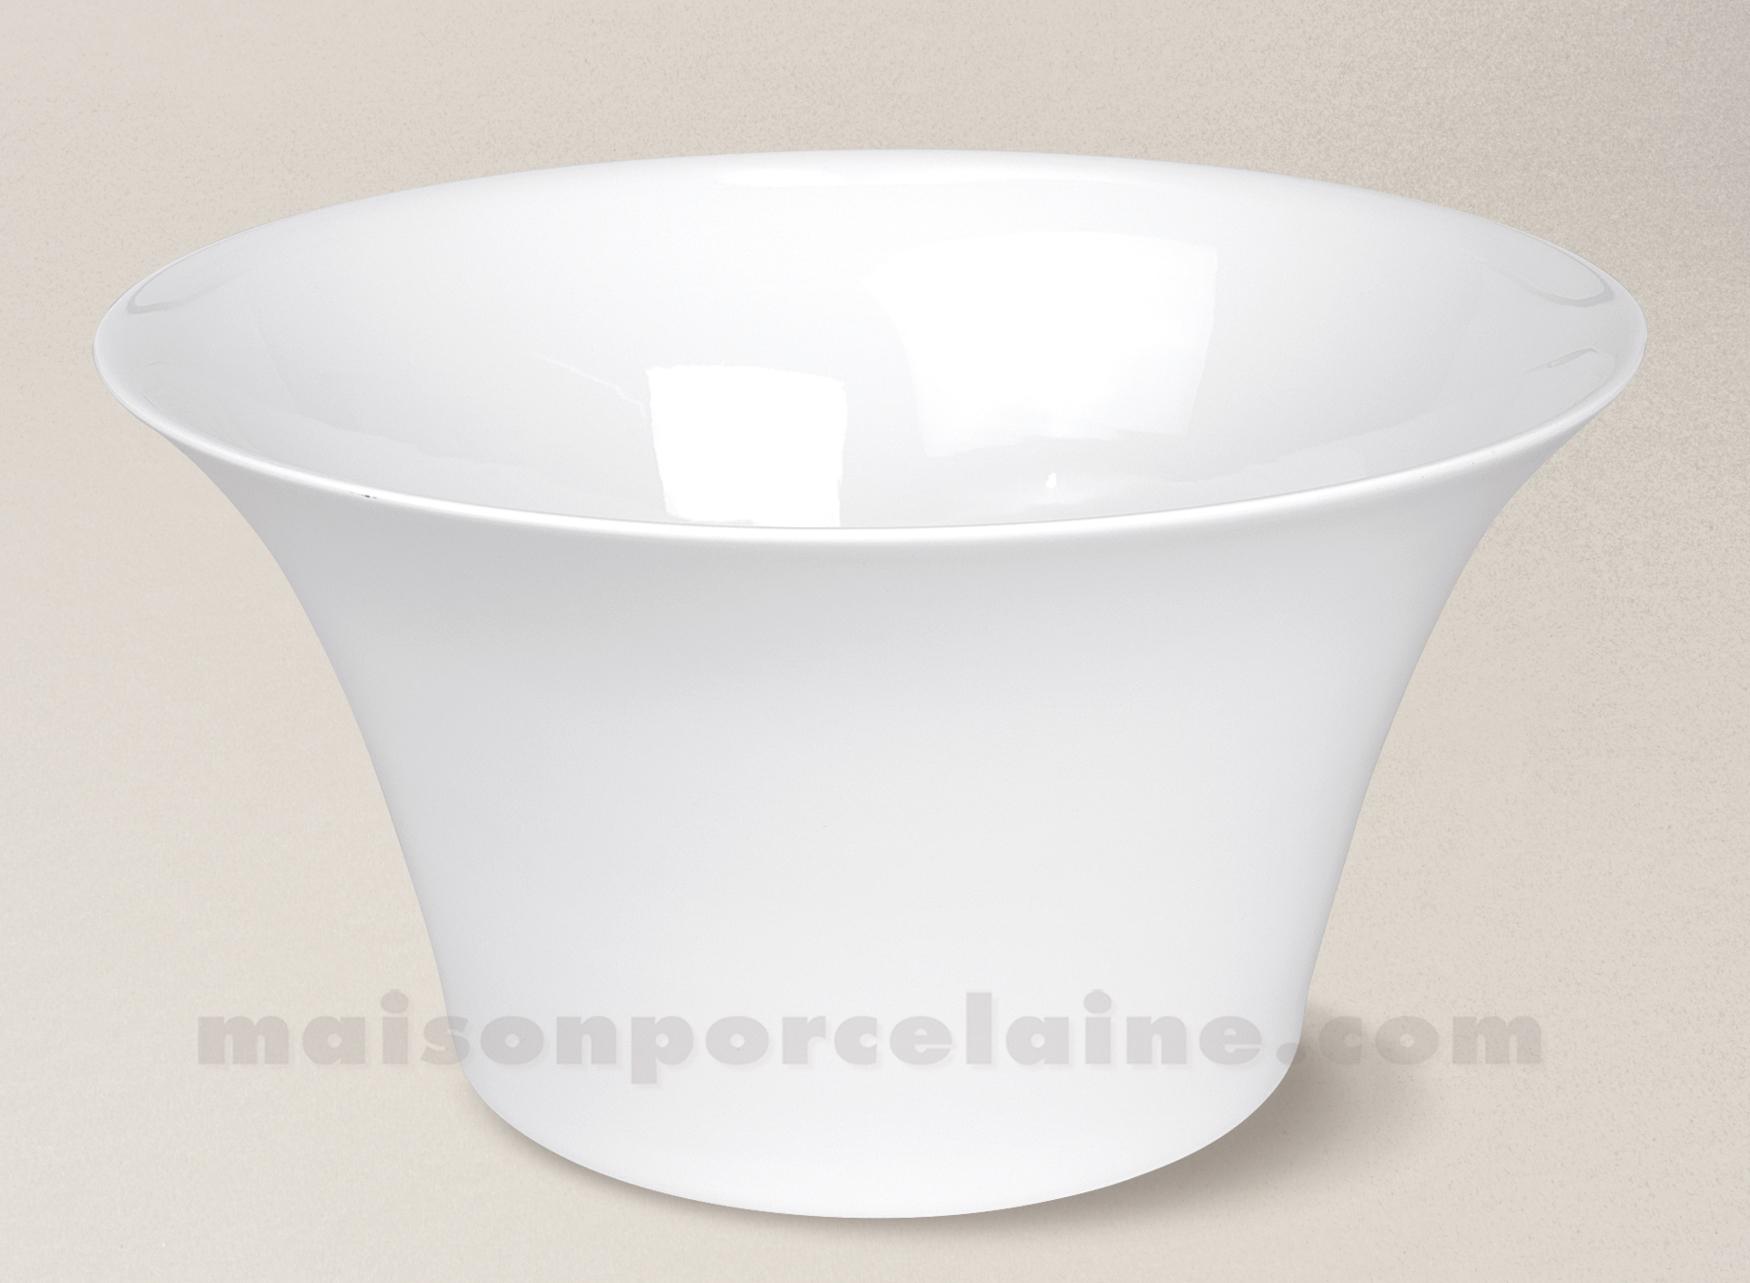 saladier limoges porcelaine blanche haussmann d28 maison de la porcelaine. Black Bedroom Furniture Sets. Home Design Ideas